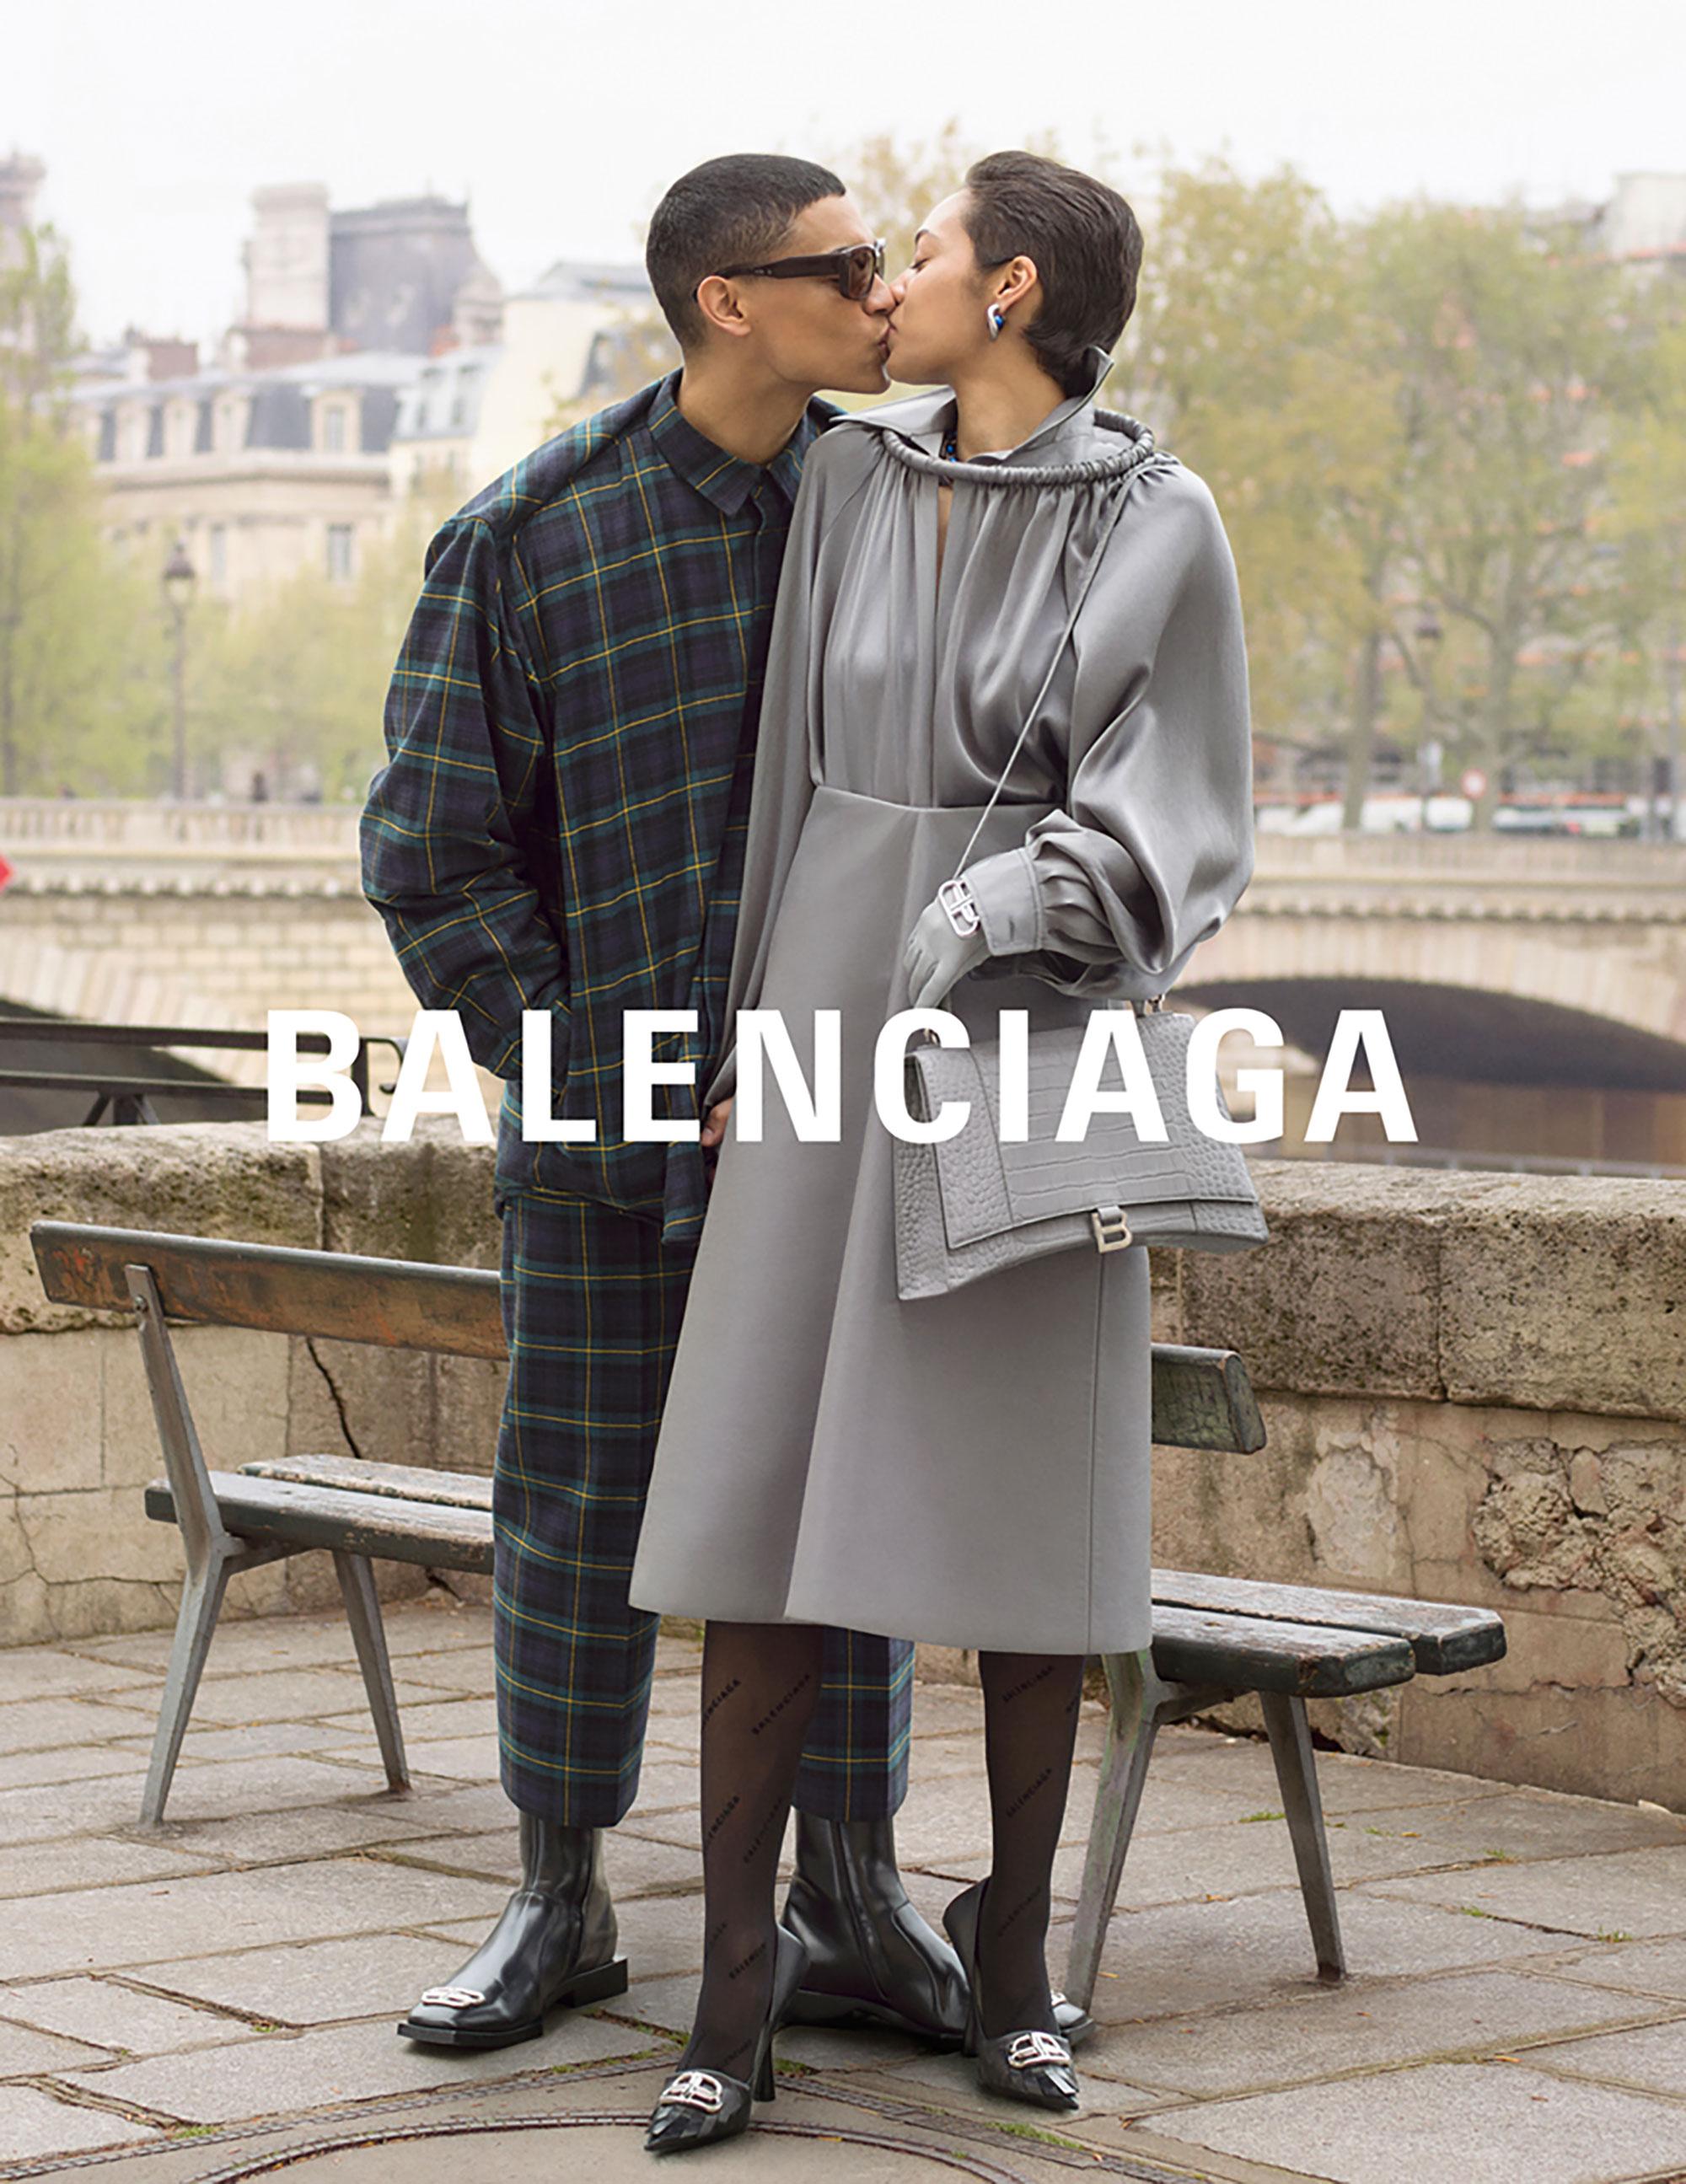 Courtesy of BALENCIAGA